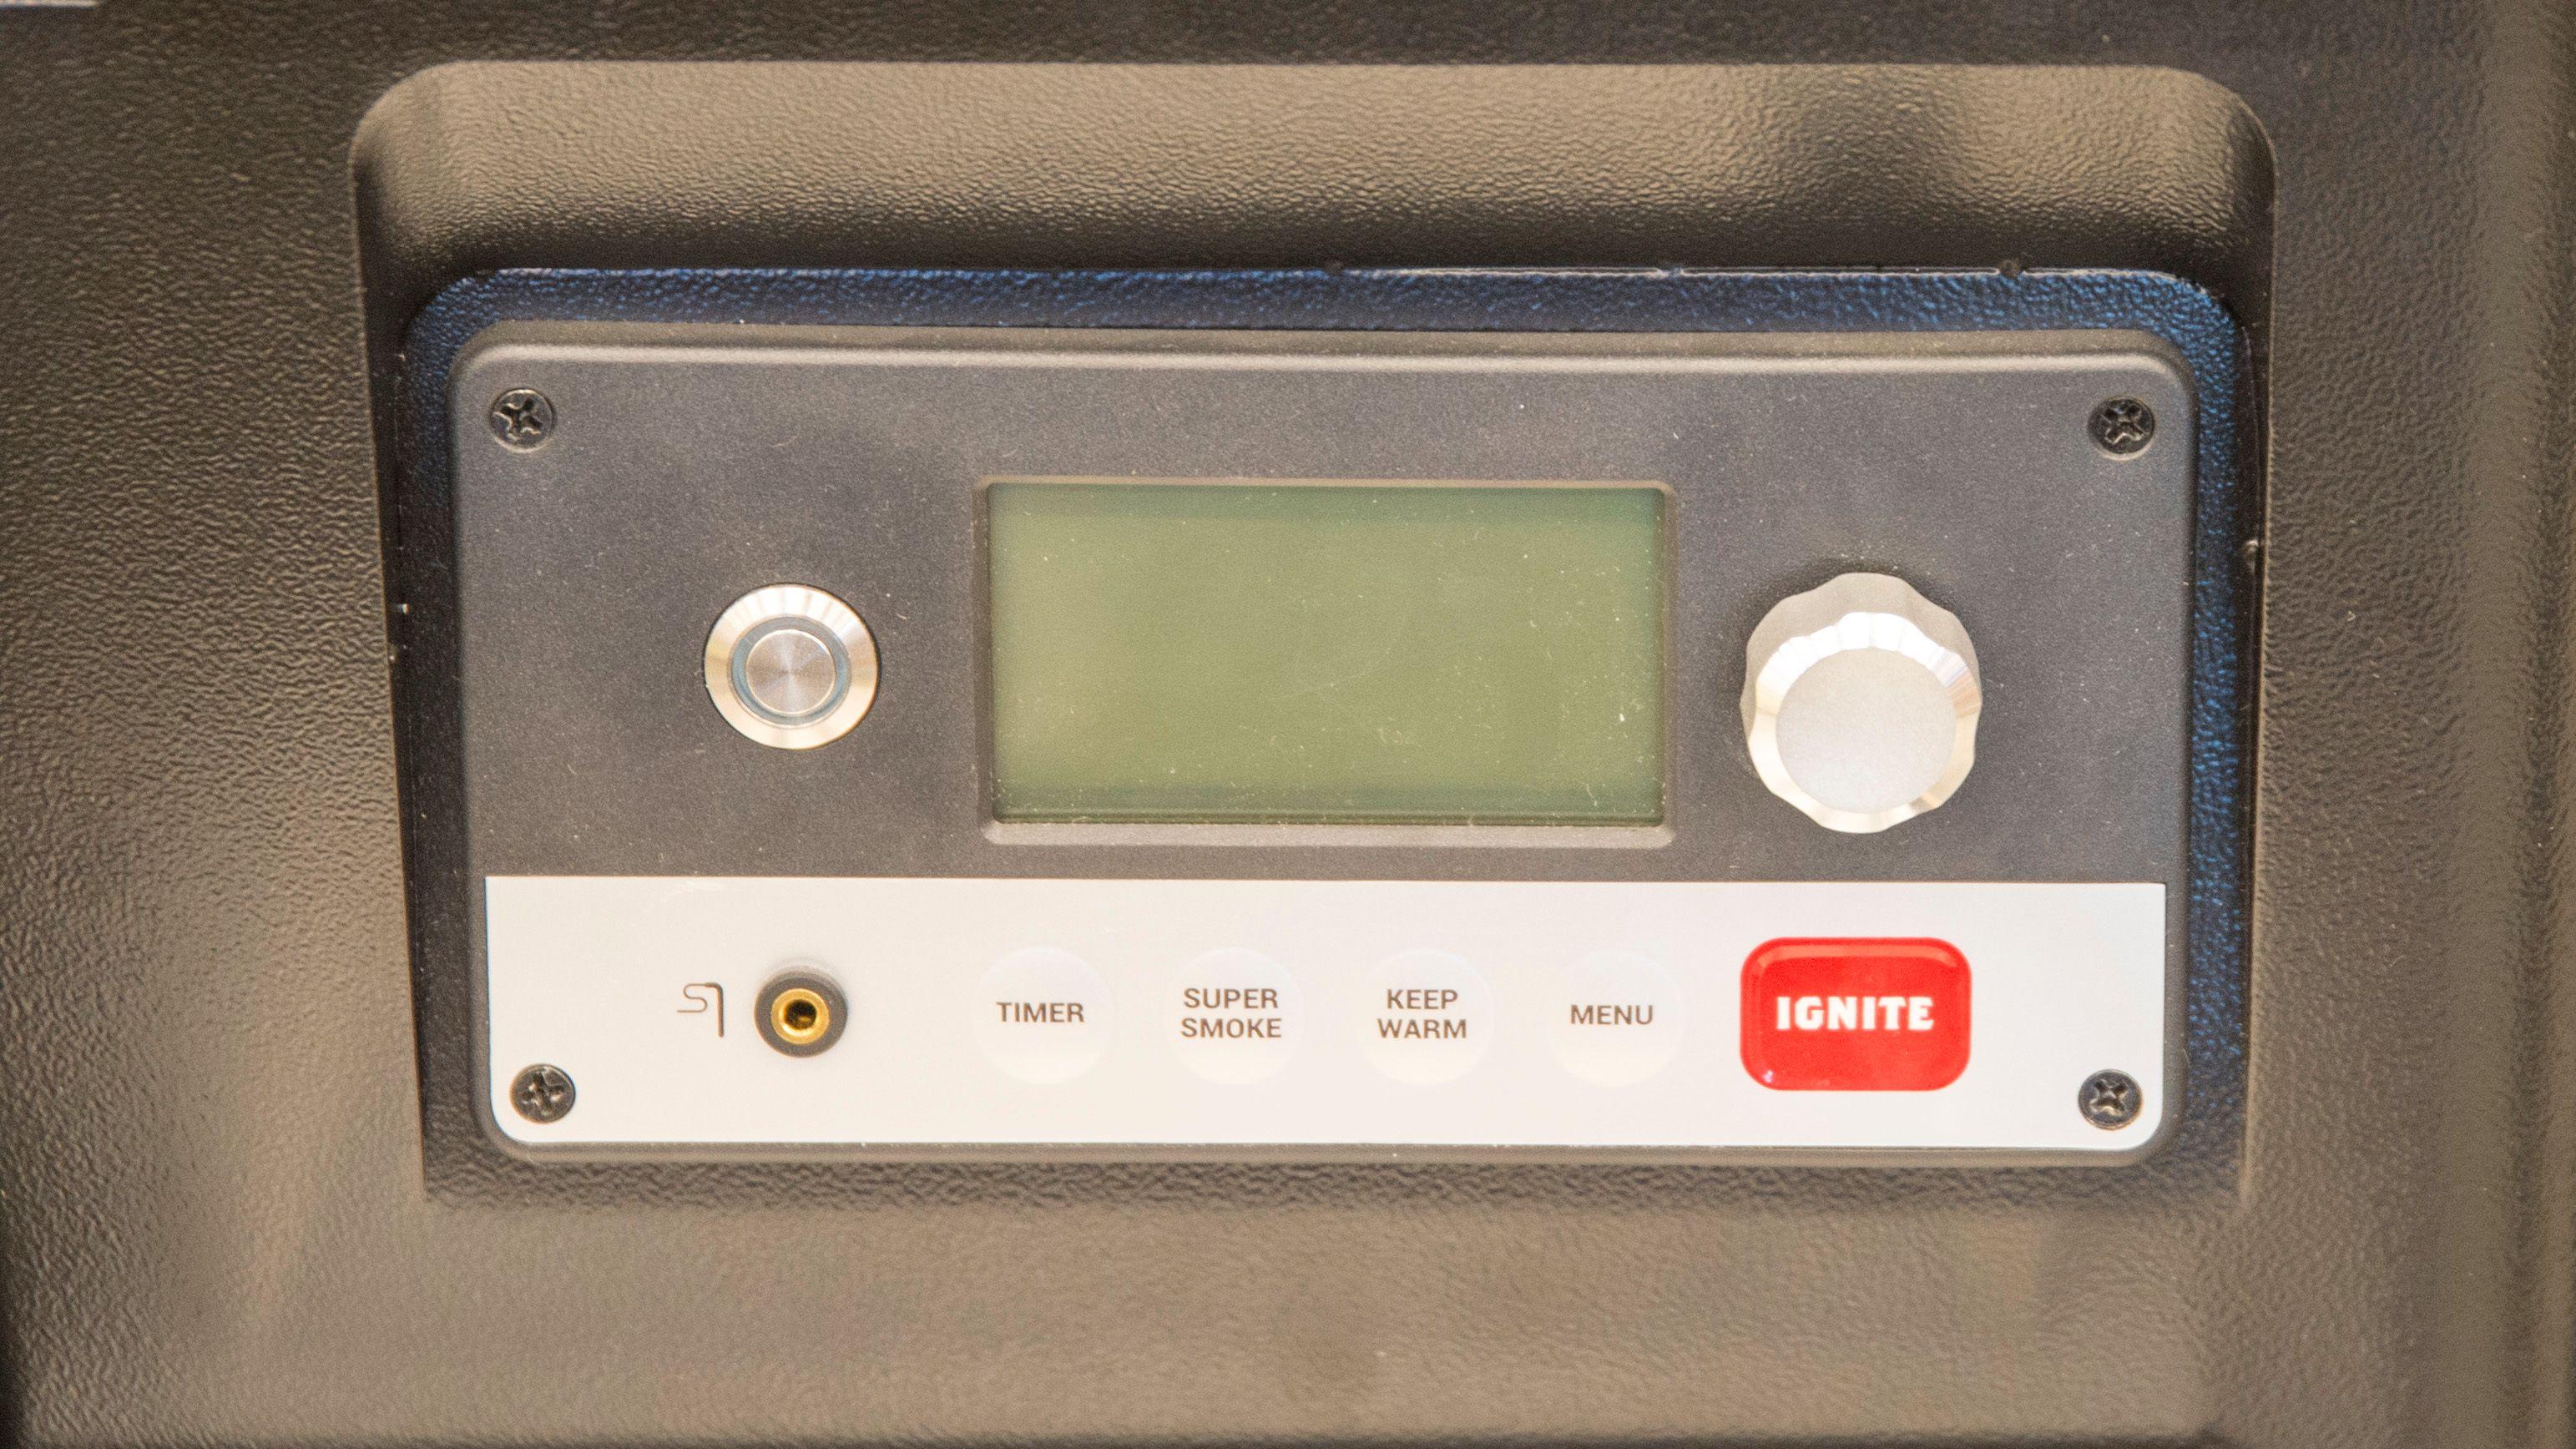 Med denne kontrolleren kan du koble grillen til det trådløse nettet ditt hjemme og kontrollere grillen via en app.